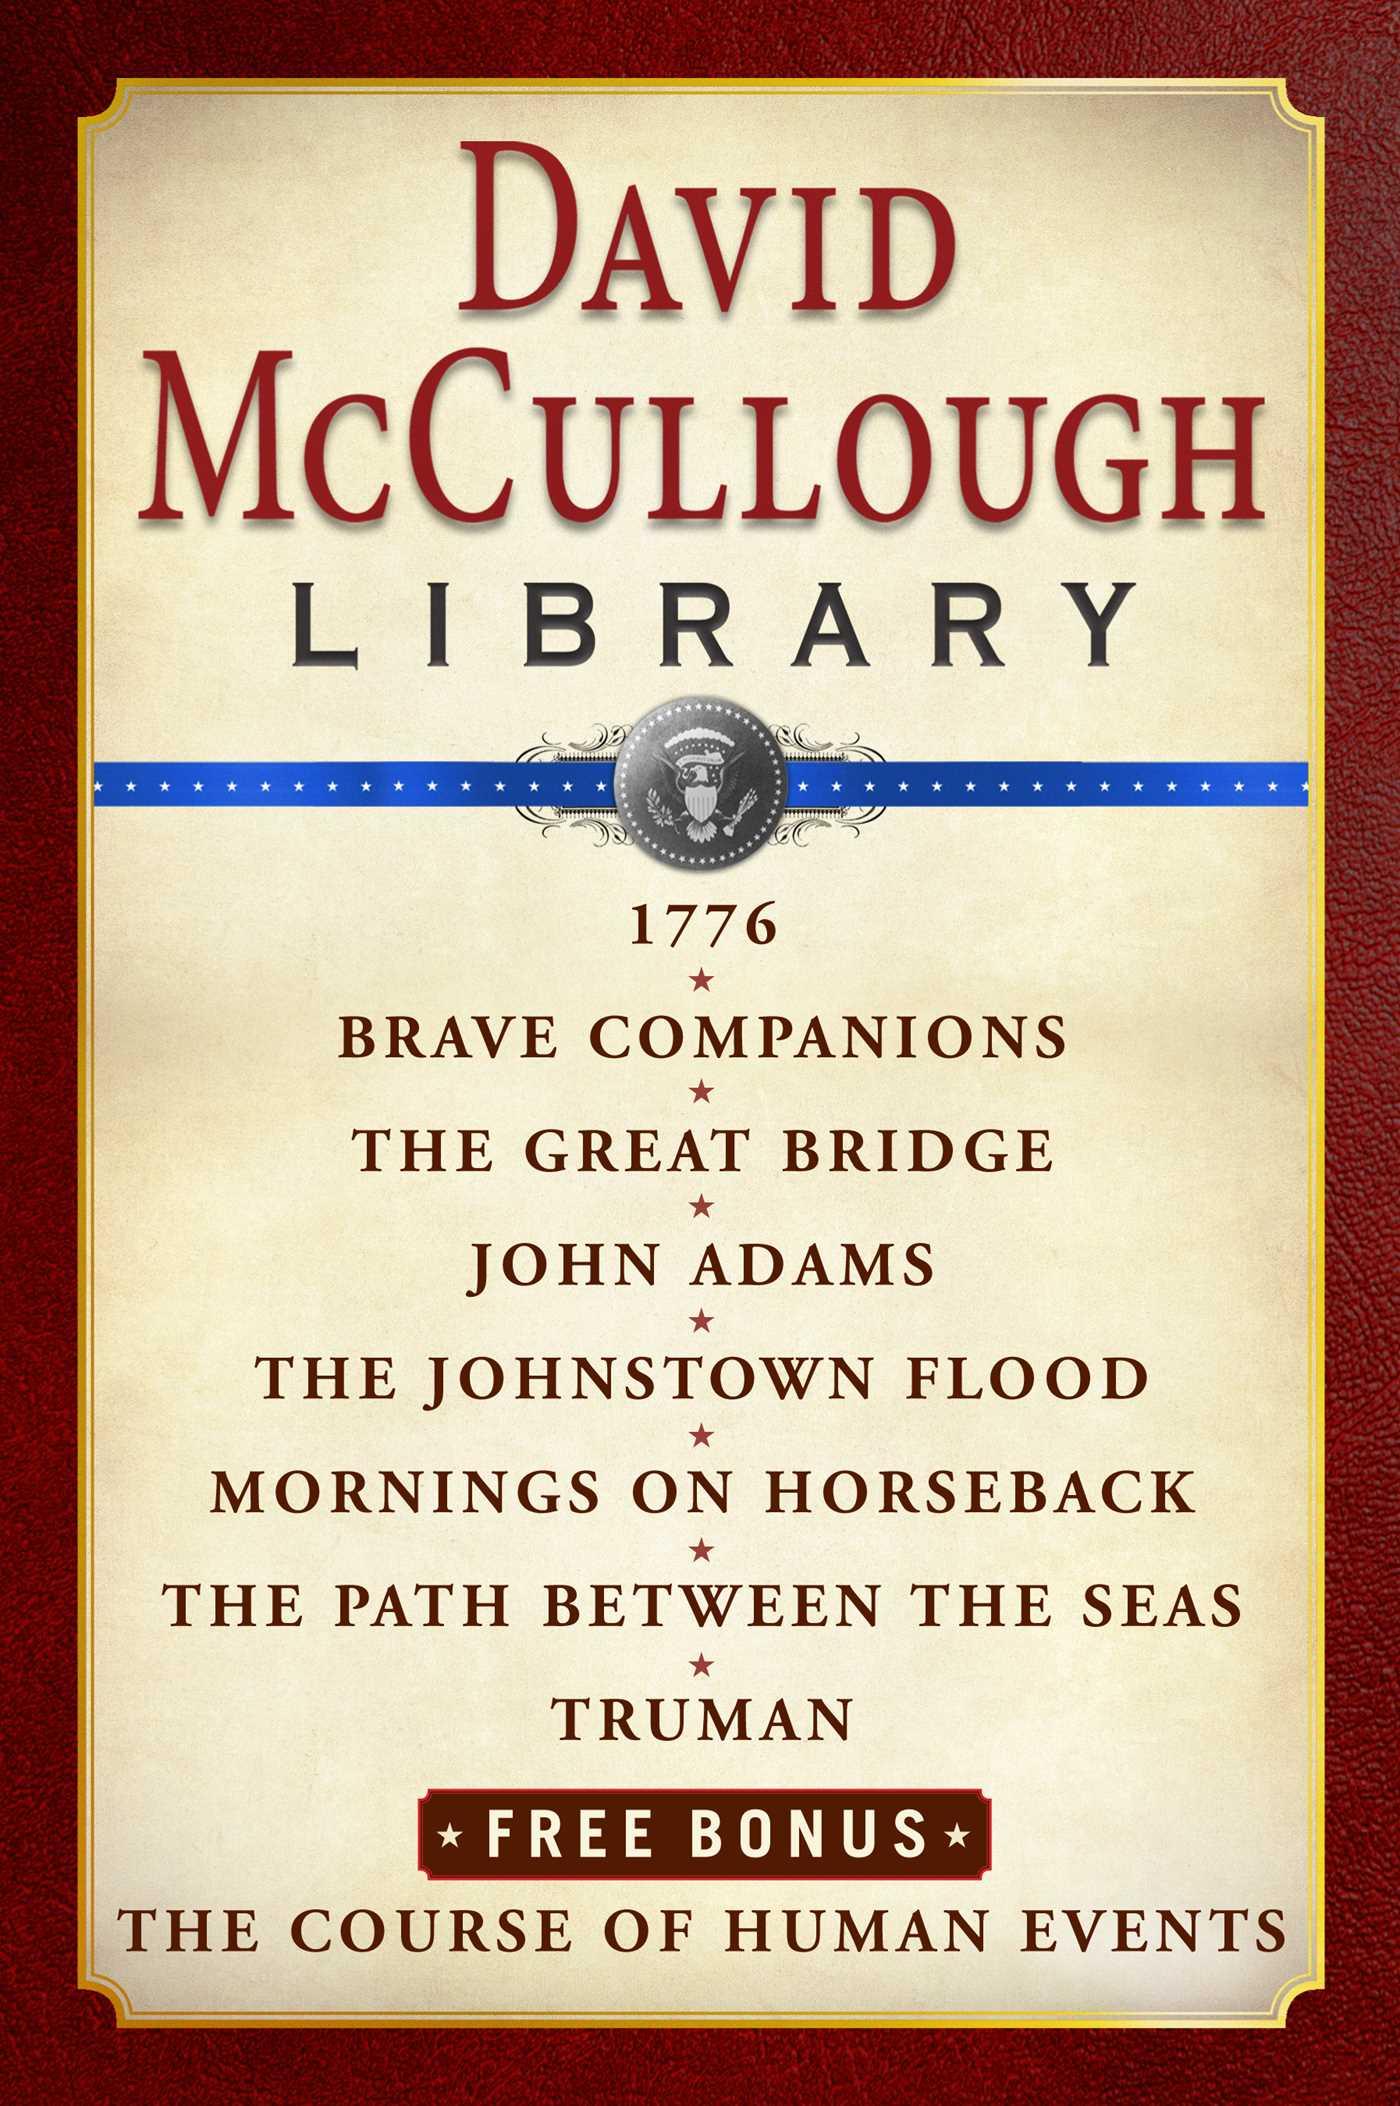 David McCullough Library E-book Box Set eBook by David McCullough